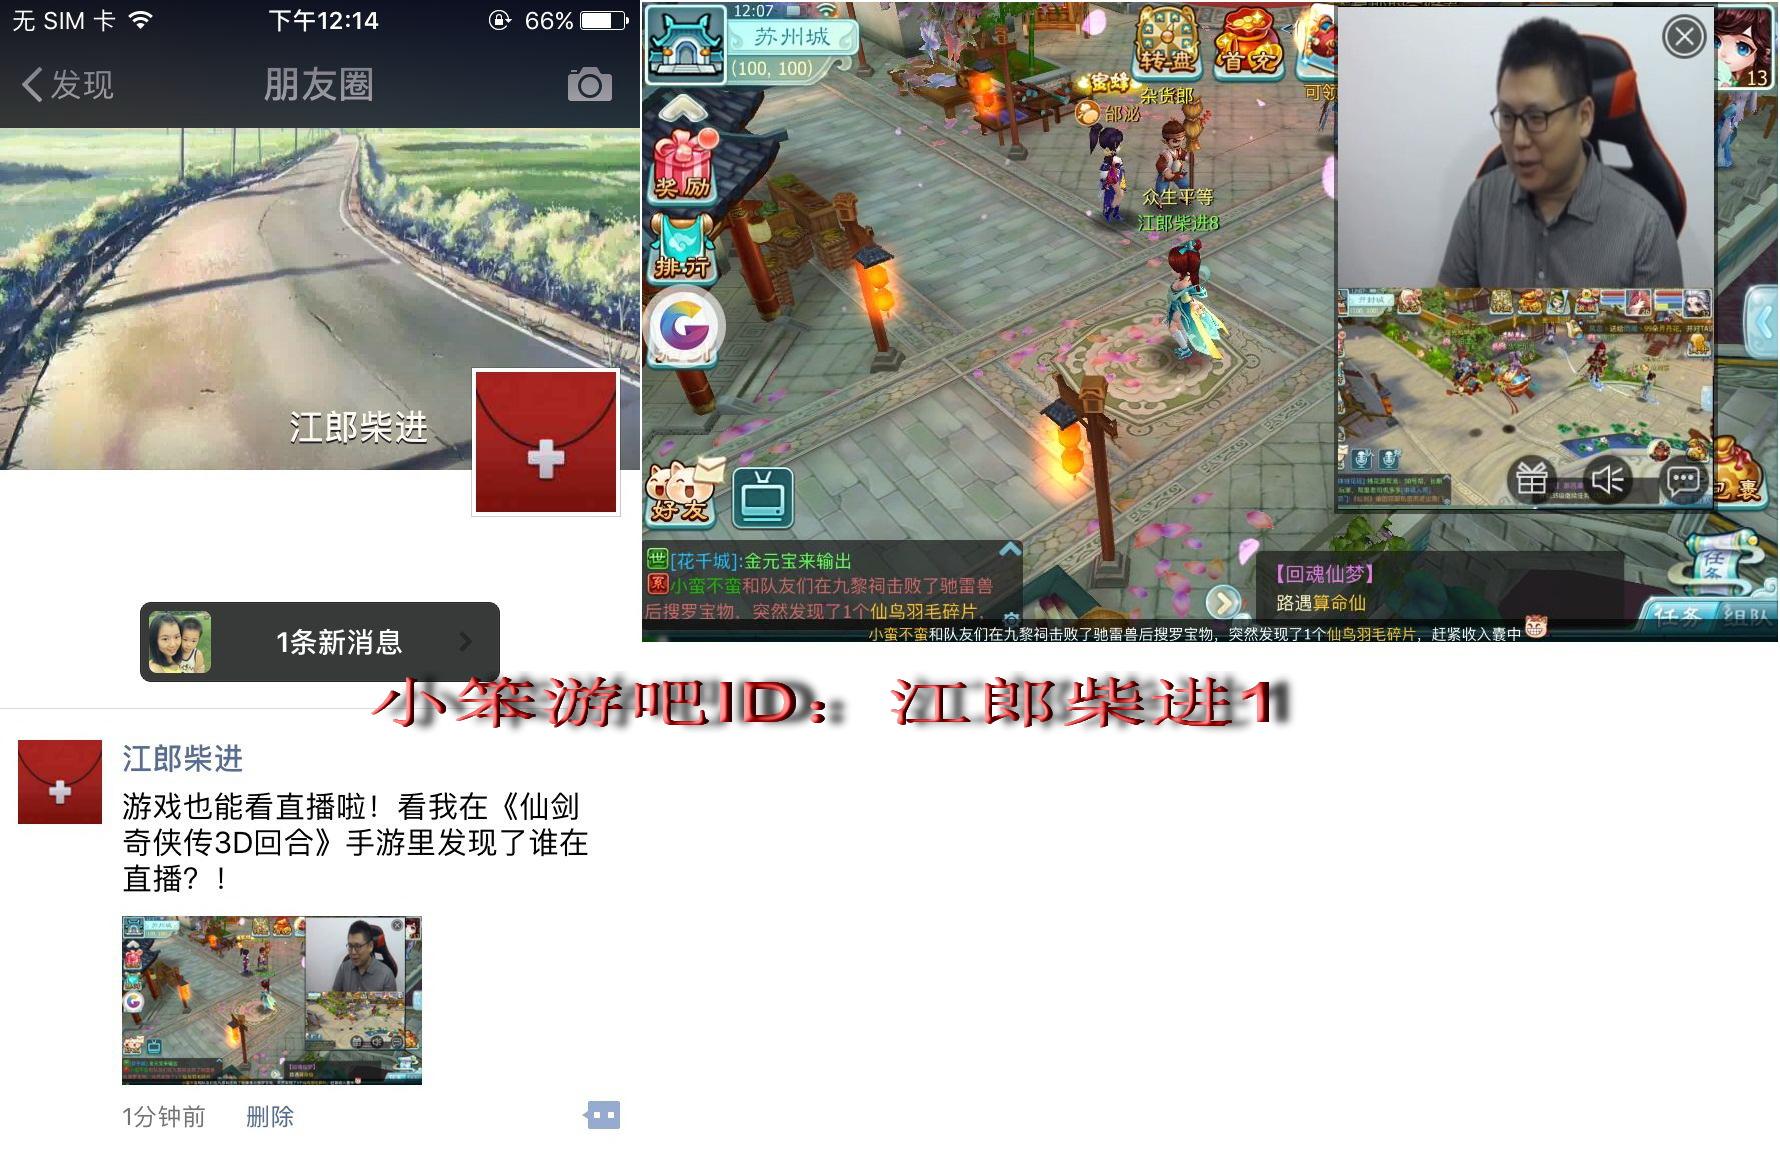 仙剑3D直播.jpg